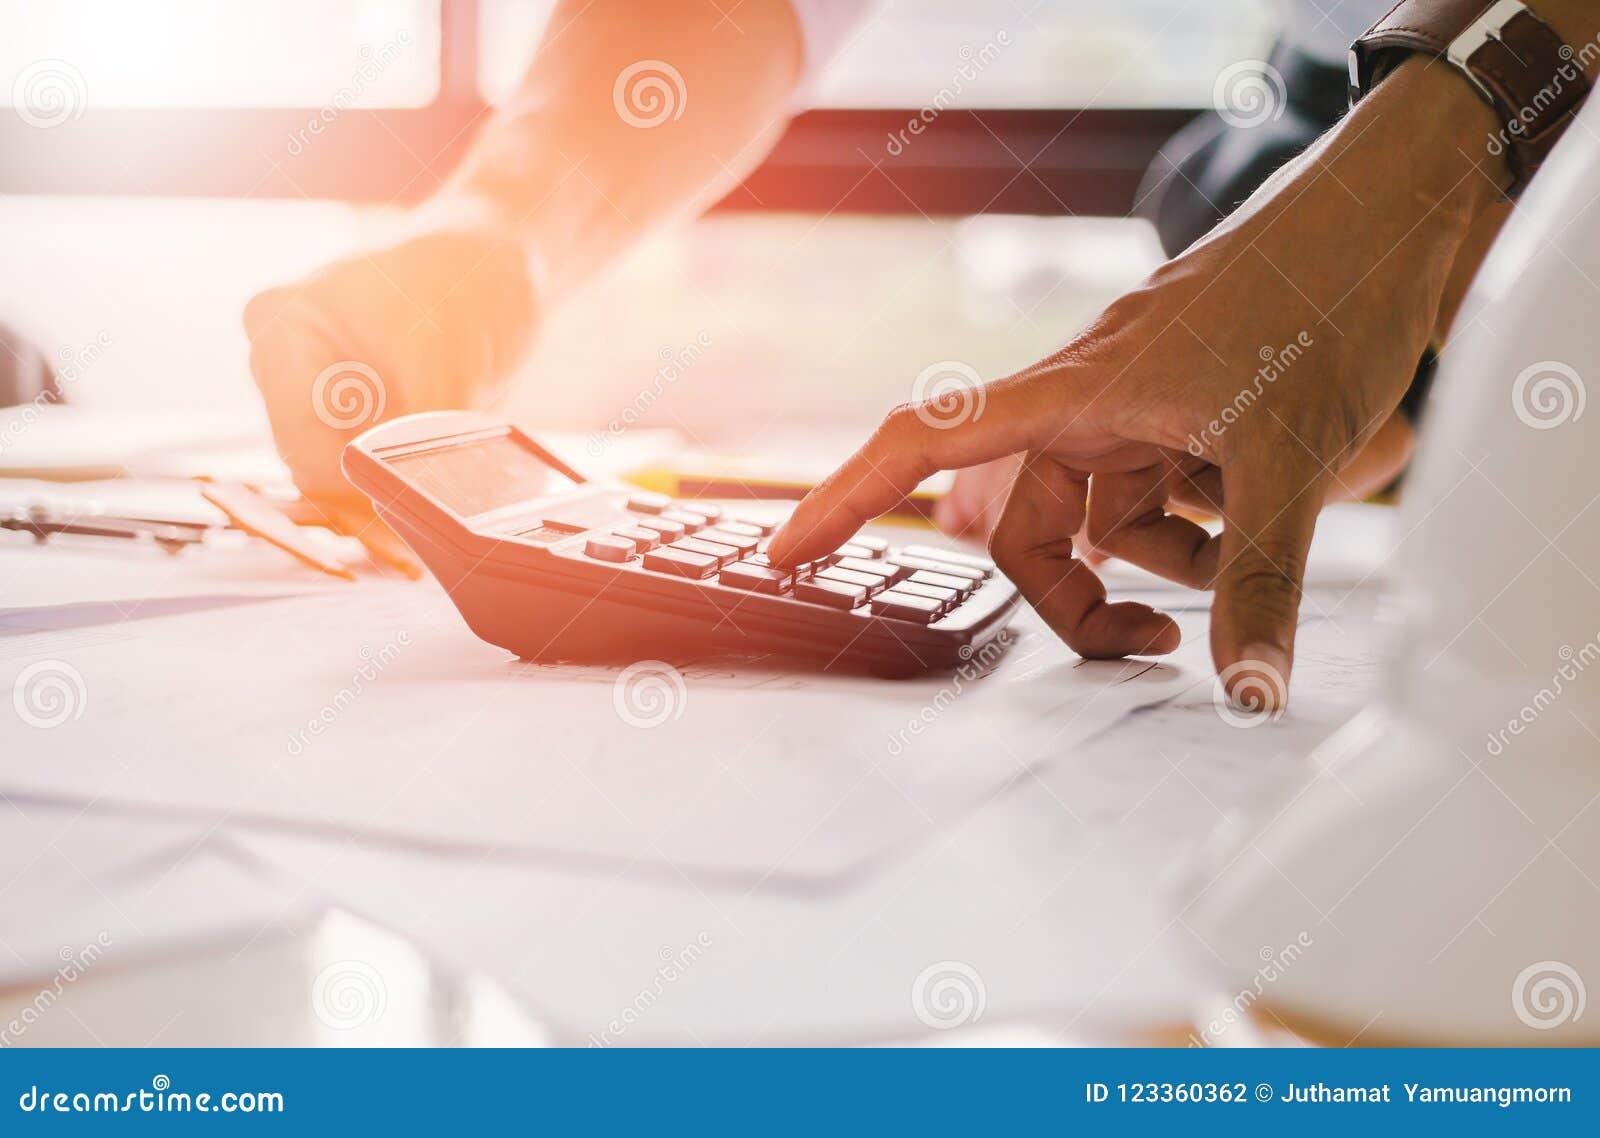 Κλείστε επάνω το χέρι ατόμων χρησιμοποιώντας τον υπολογιστή υπολογίζοντας bonusOr άλλη αποζημίωση στους υπαλλήλους για να αυξήσει